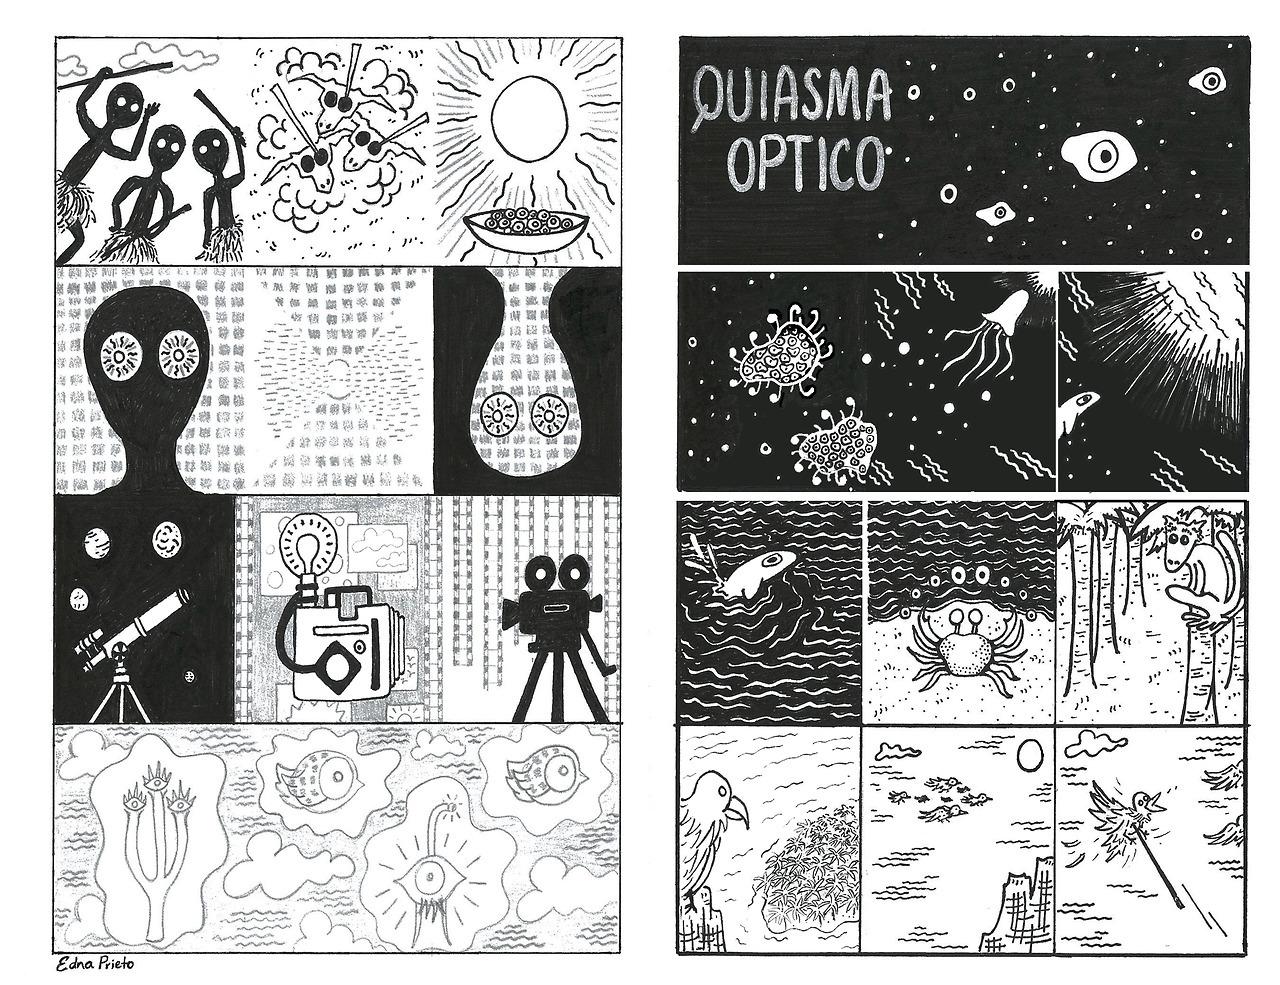 quiasma